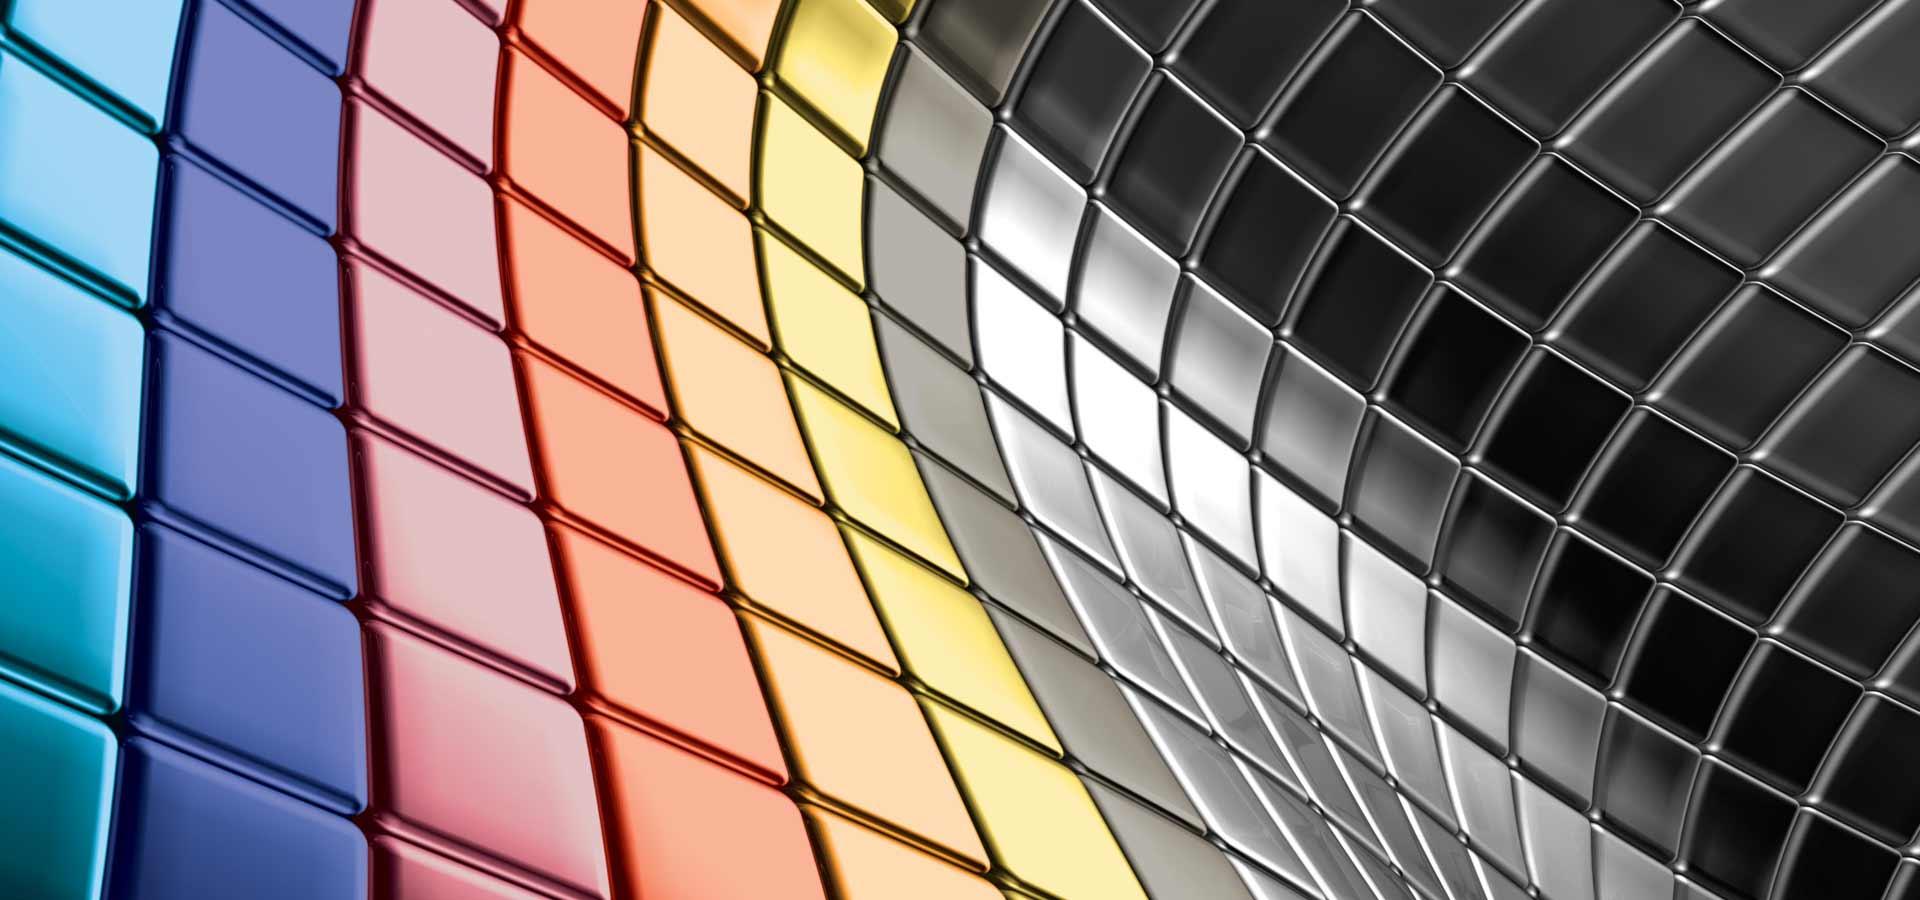 campionario-colori-ossidazione-anodica-tecno-alluminio